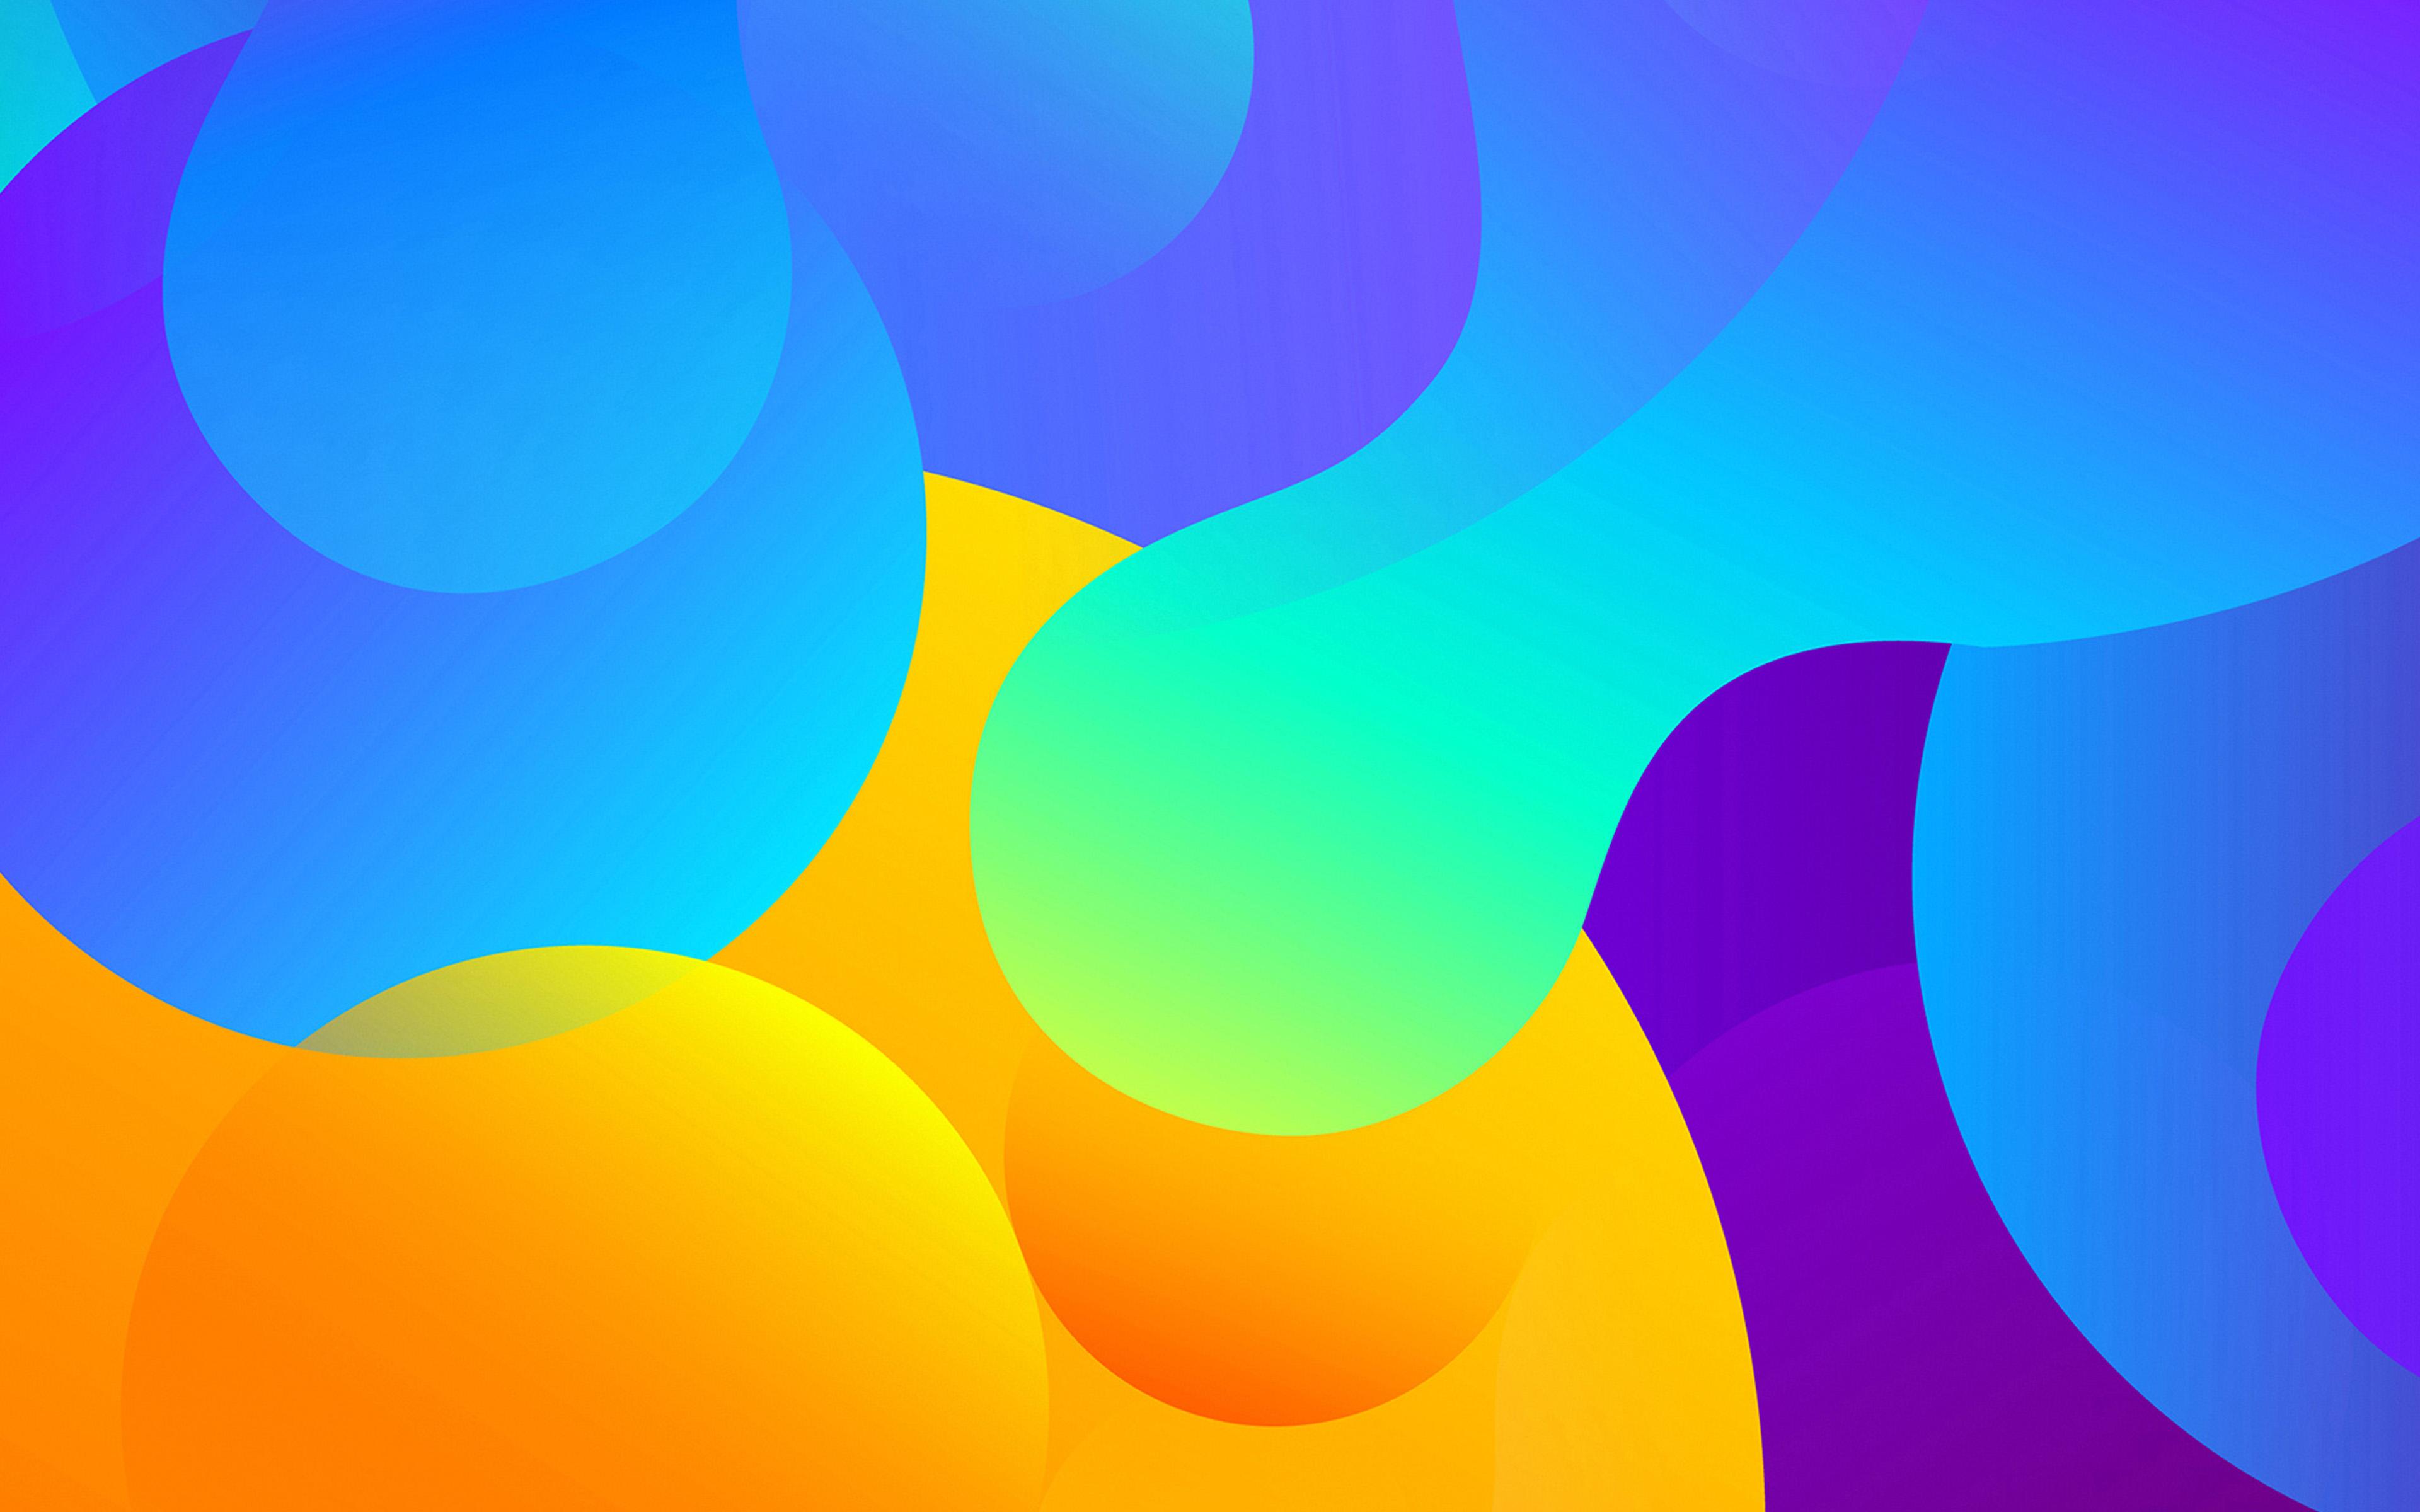 vt06abstractartcolorbasicbackgroundpatternwallpaper